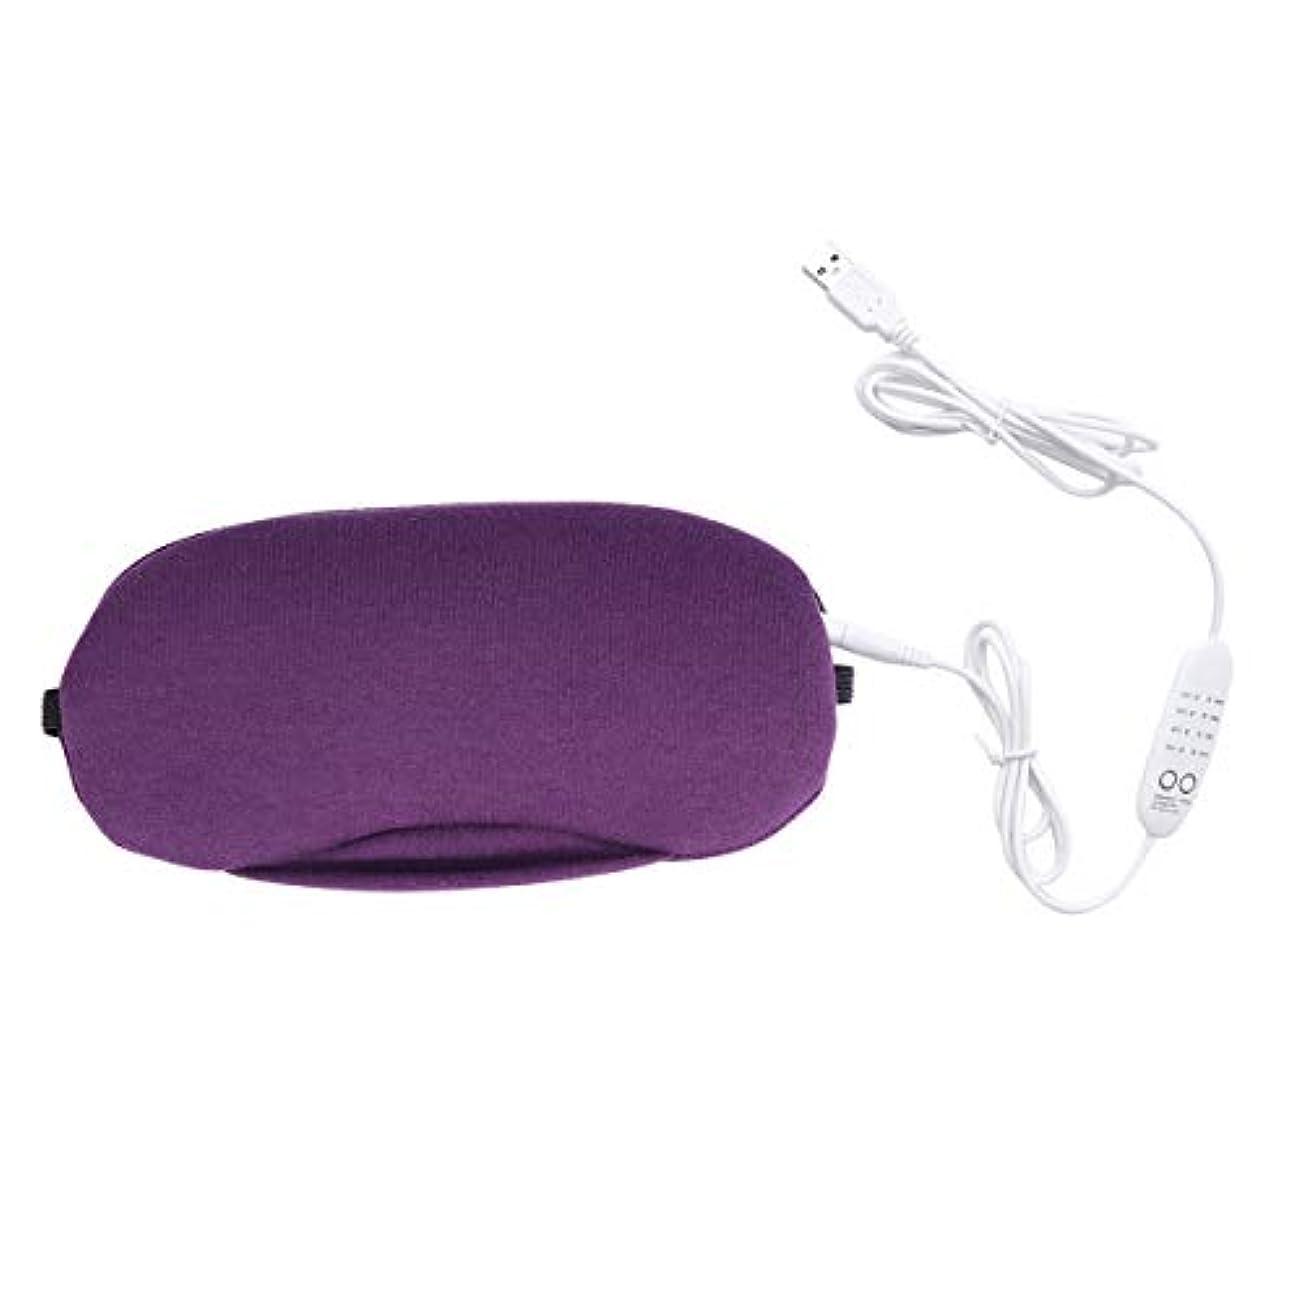 広く領事館他の場所不眠症を和らげるためのHealifty USBスチームアイマスク目隠しホットコンプレッションアイシールドドライアイ疲労(紫色)